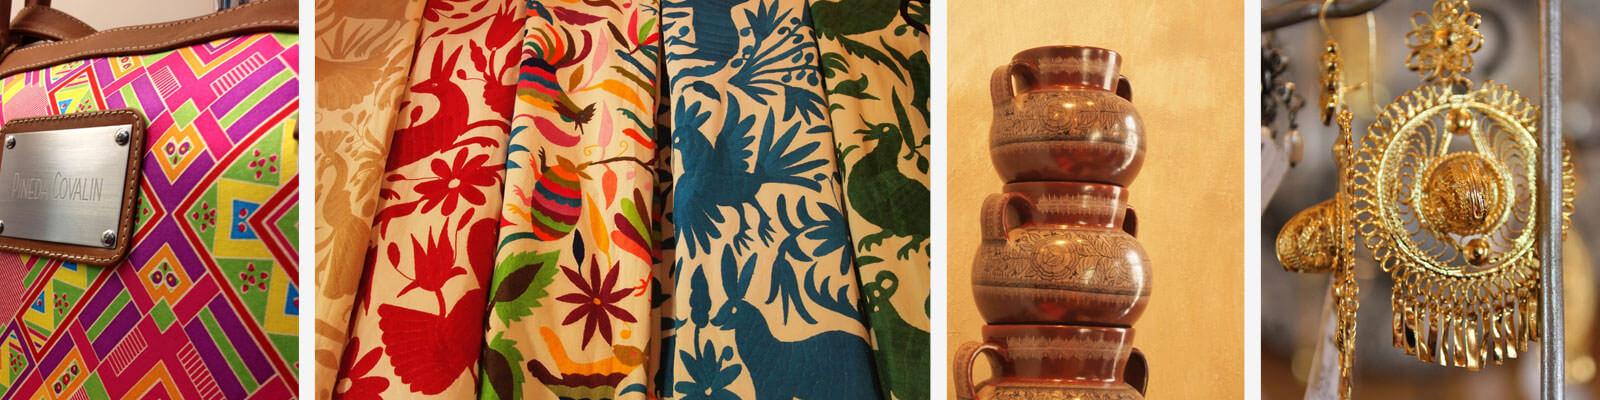 boutique-hotel-yucatan-tienda_productos2